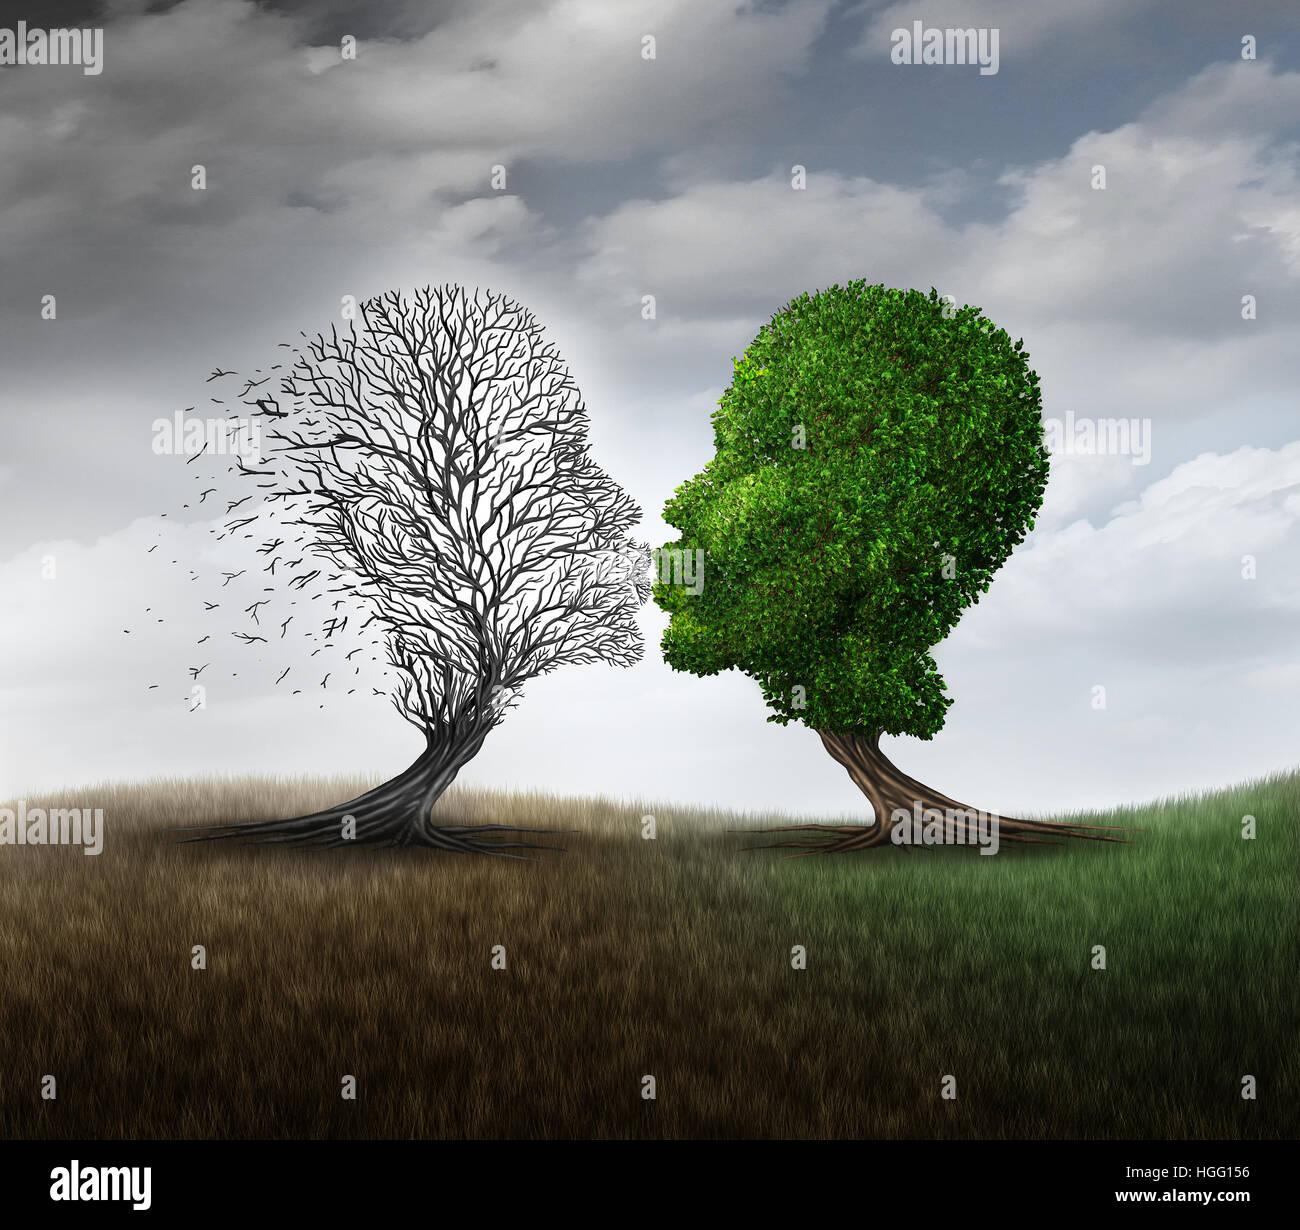 Tote Liebe Konzept und Trauer eine Beziehung Verlust Symbol als ein grüner Baum küsst eine andere Pflanze, die als Stockfoto